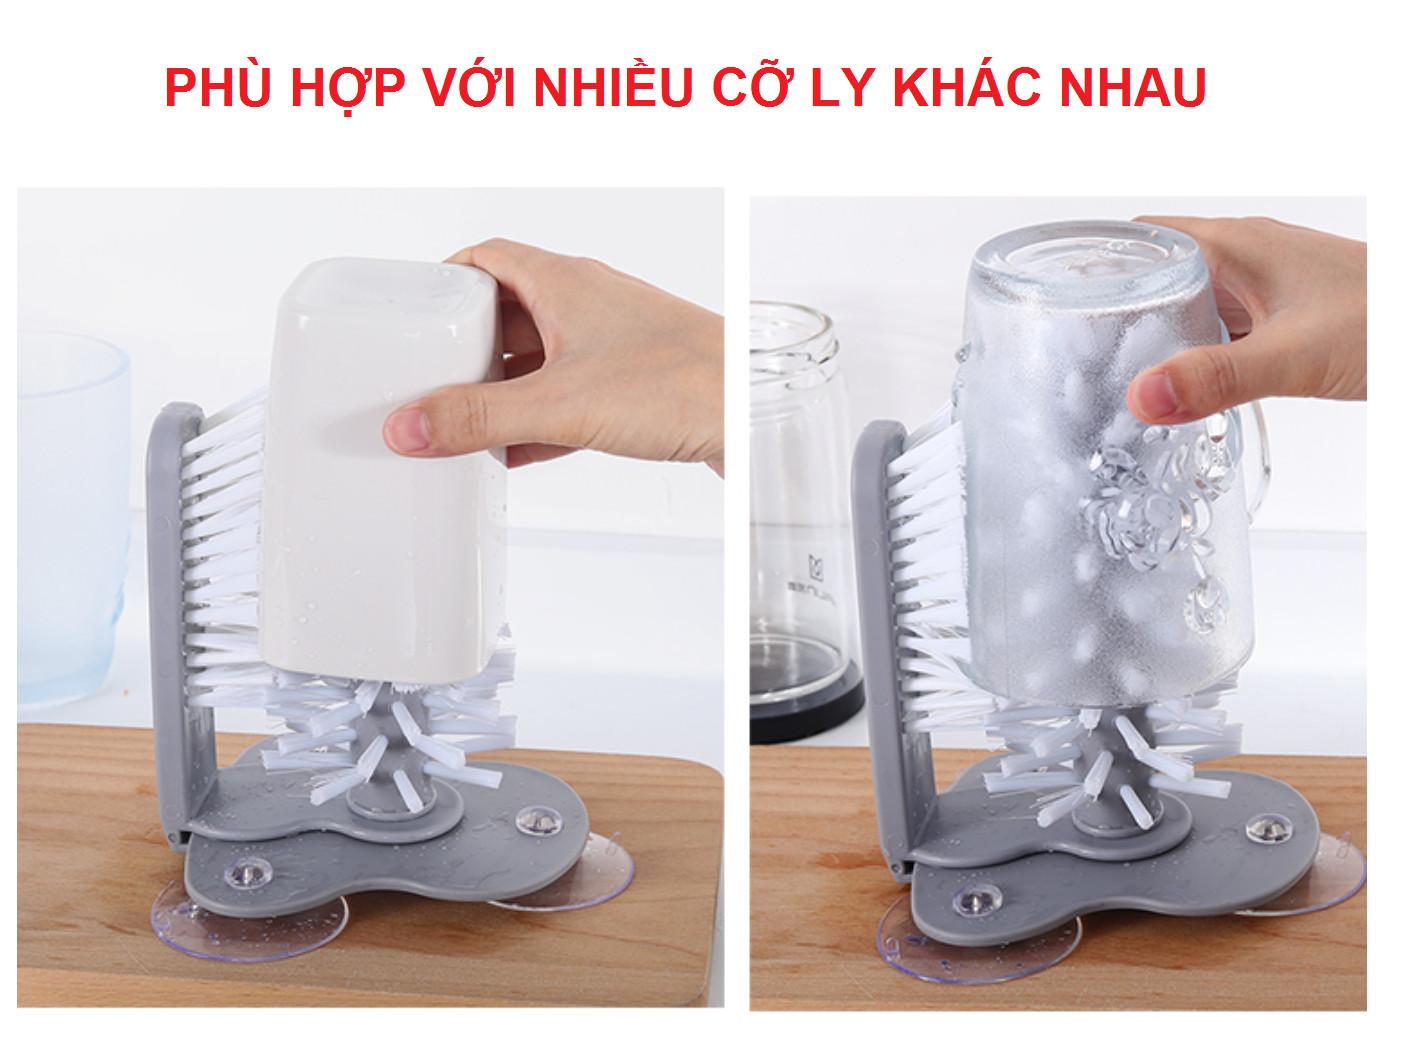 Dụng cụ cọ rửa ly tiện lợi, dụng cụ nhà bếp thông minh rửa cốc chén 2 mặt cùng lúc đồ gia dụng nhà bếp GD169-CoRLy